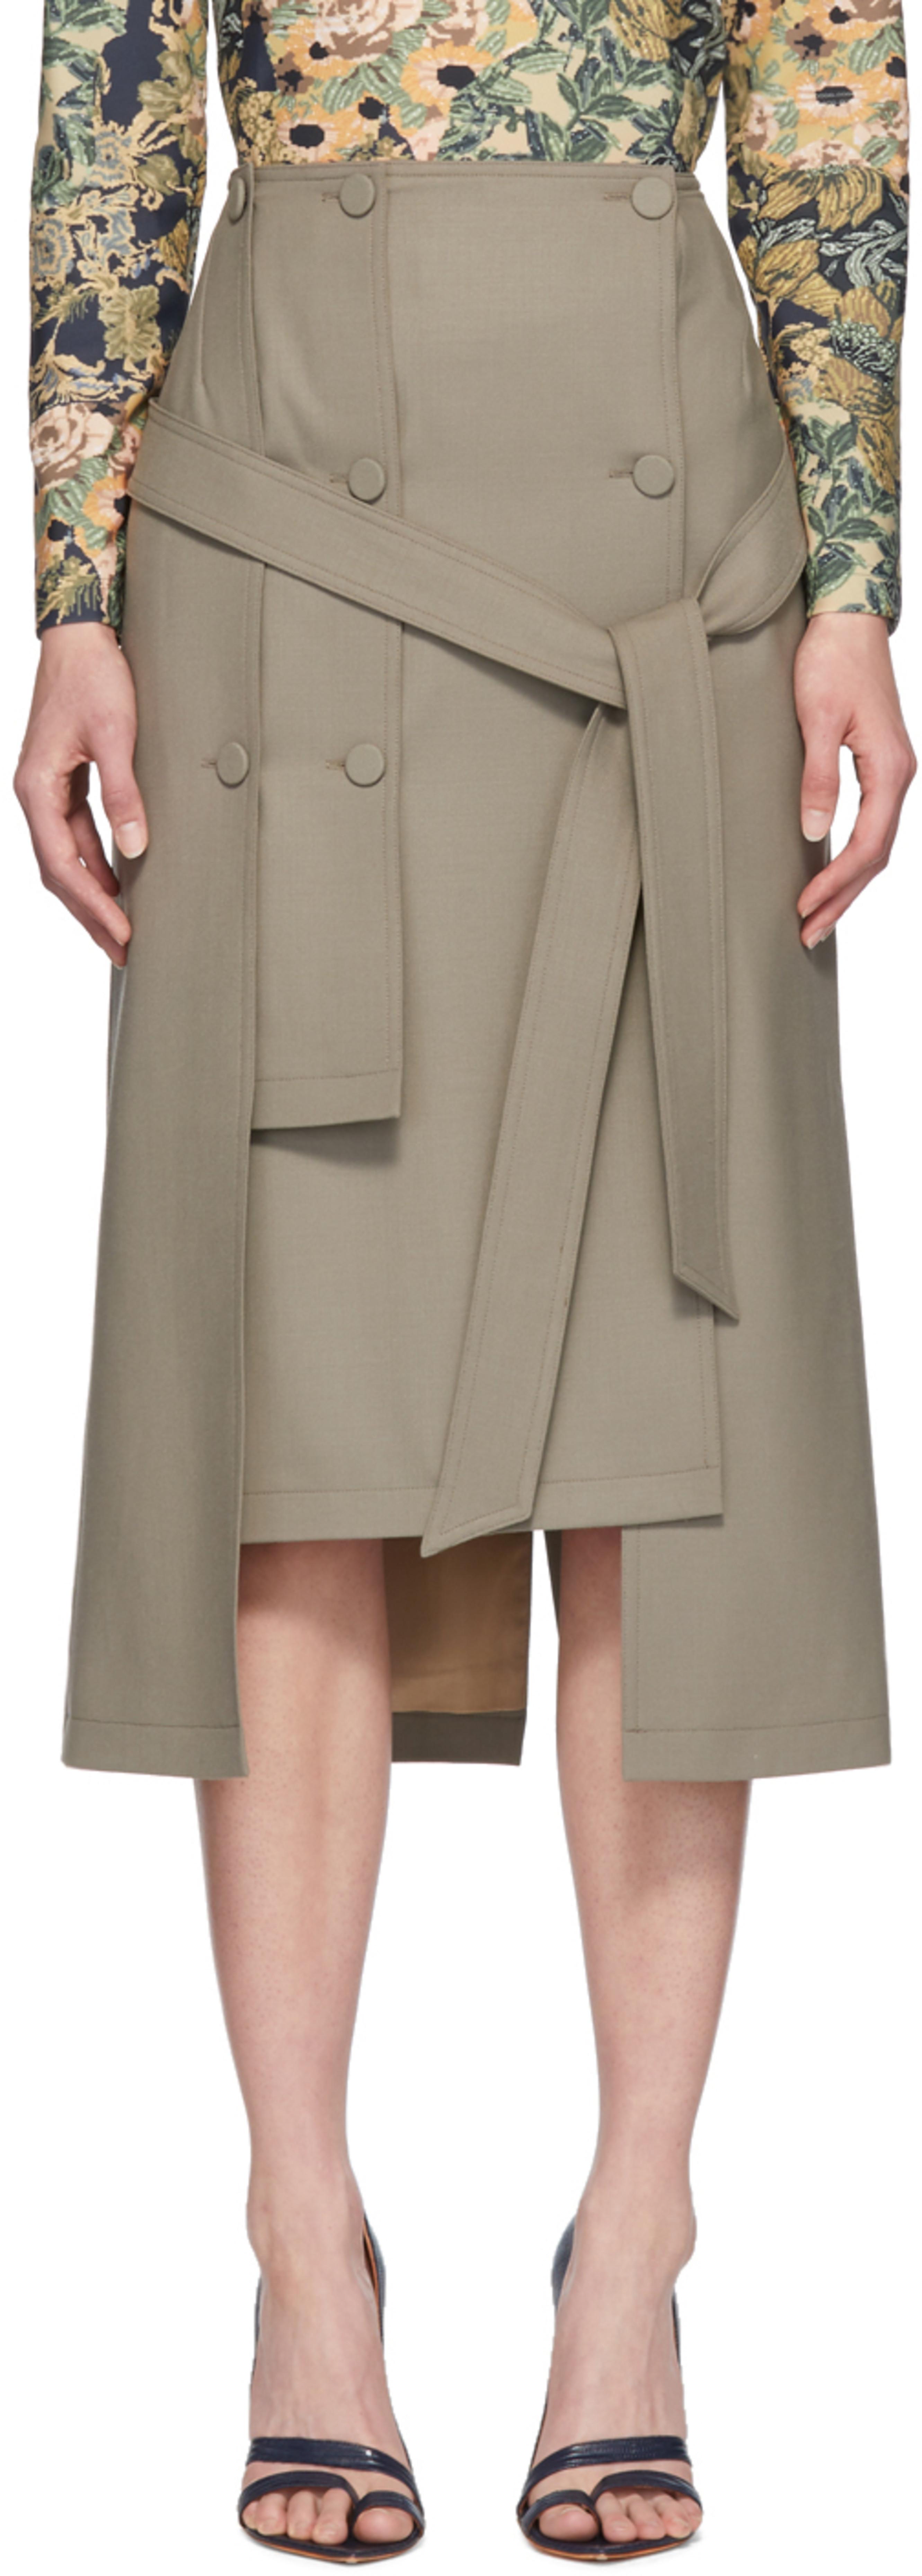 225aa0fe141 Designer Clothes